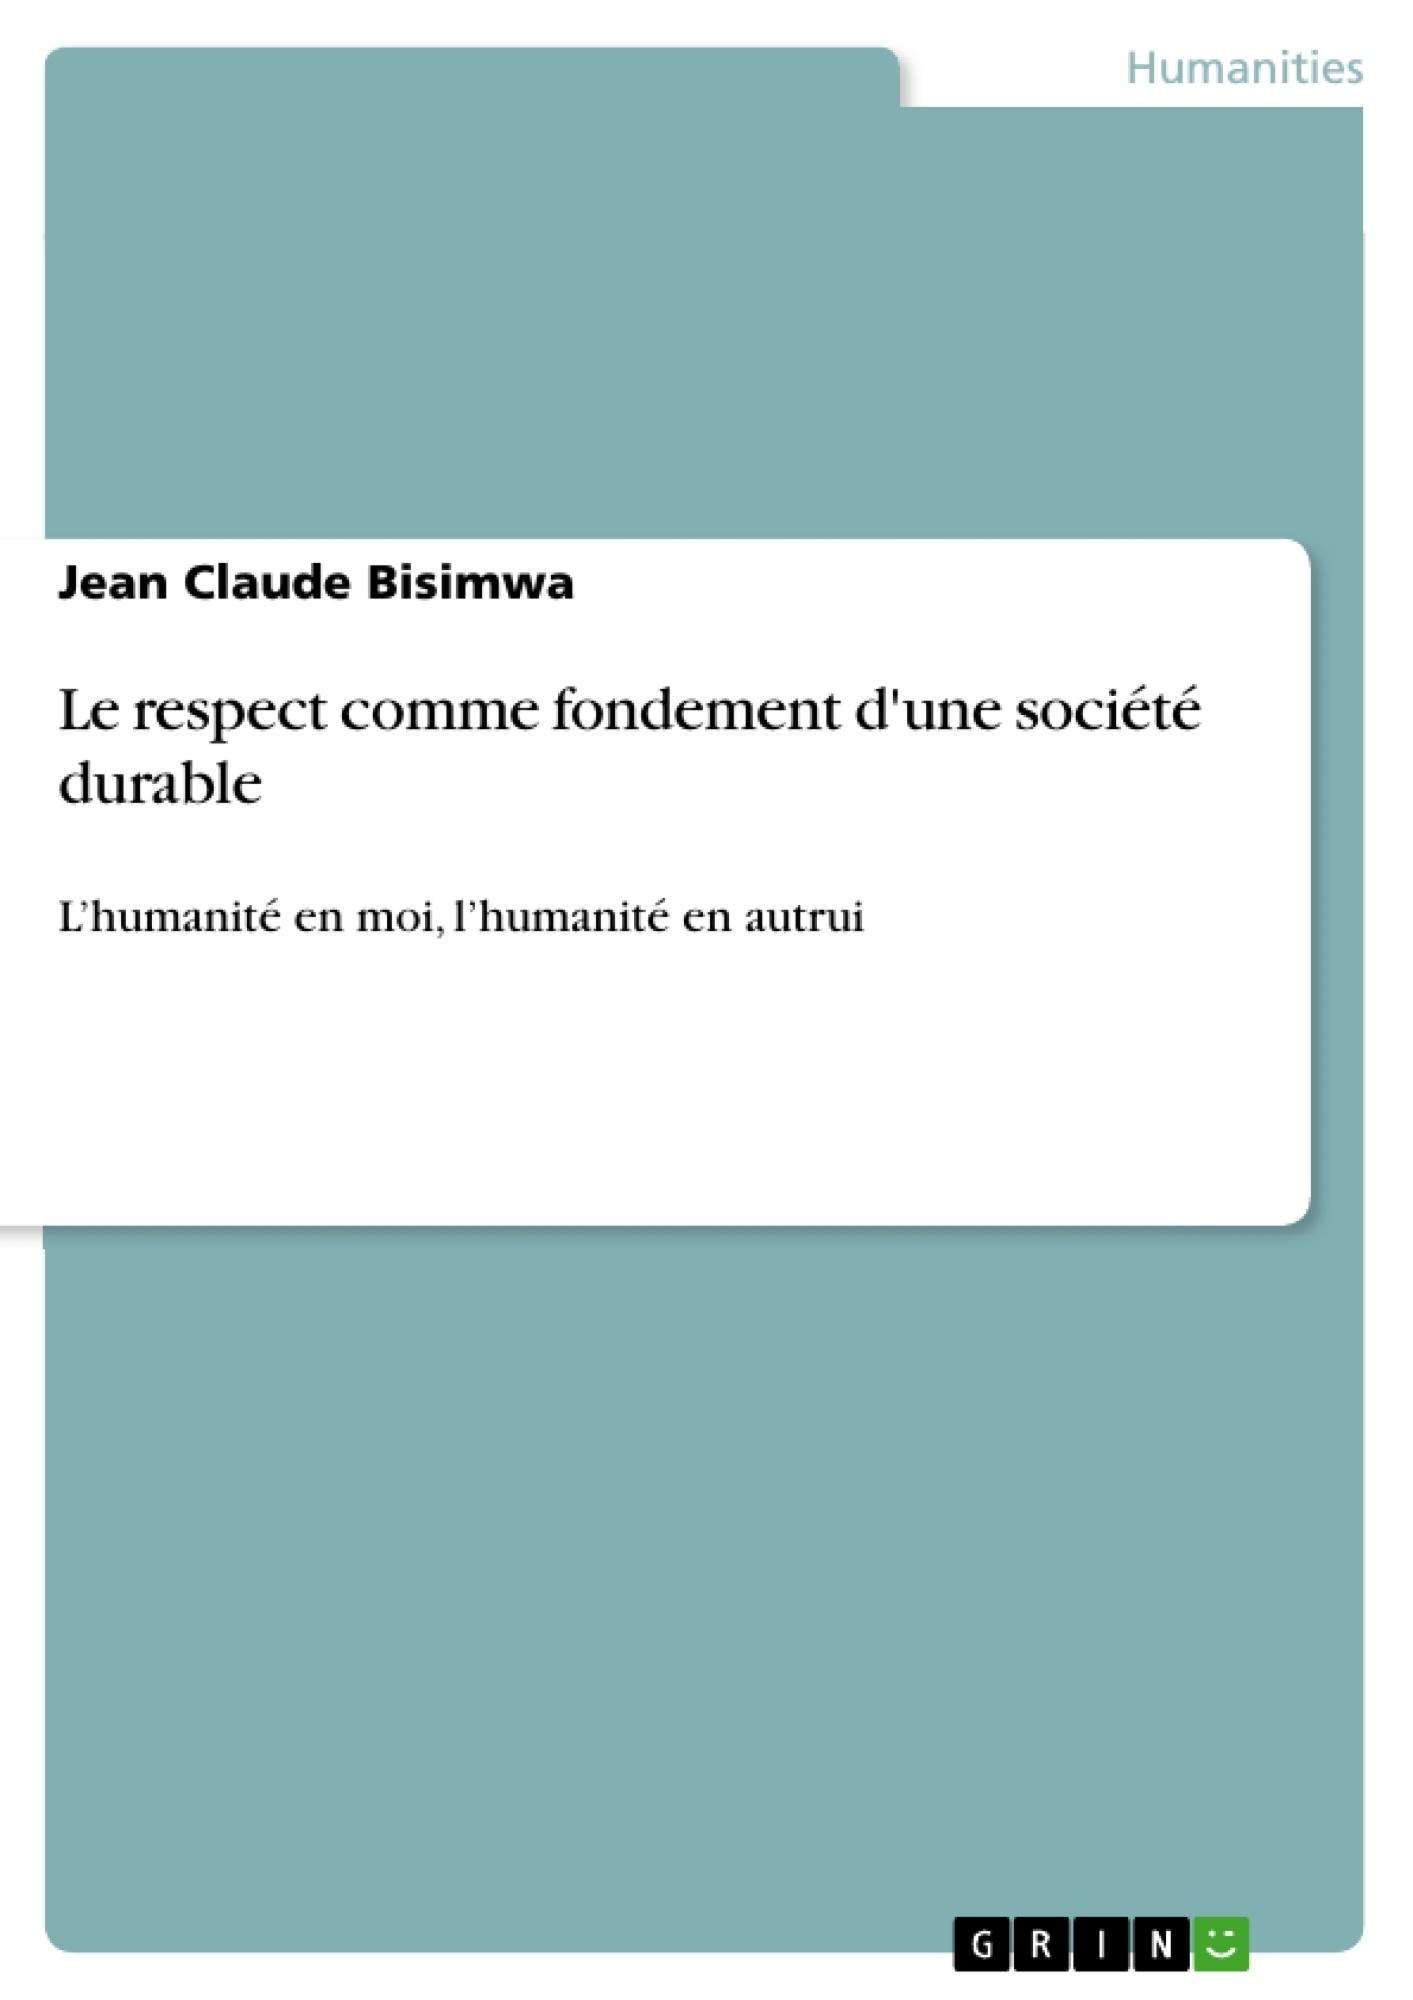 Titre: Le respect comme fondement d'une société durable